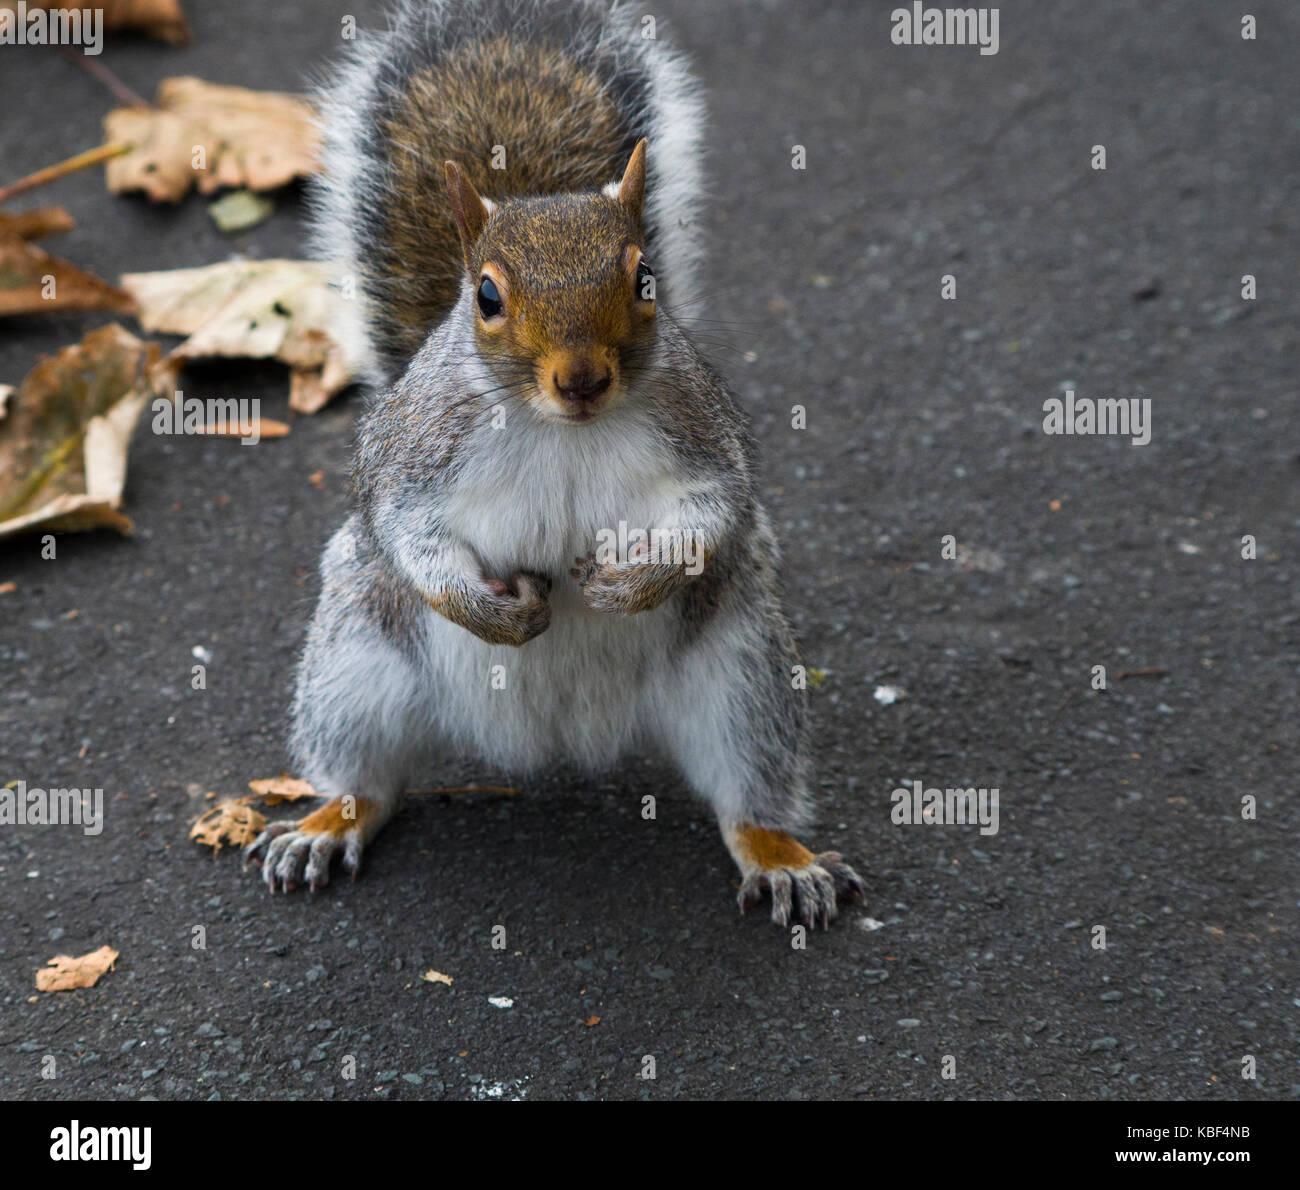 Grey Squirrel (Sciurus carolinensis) in autumn, Sussex, England. - Stock Image